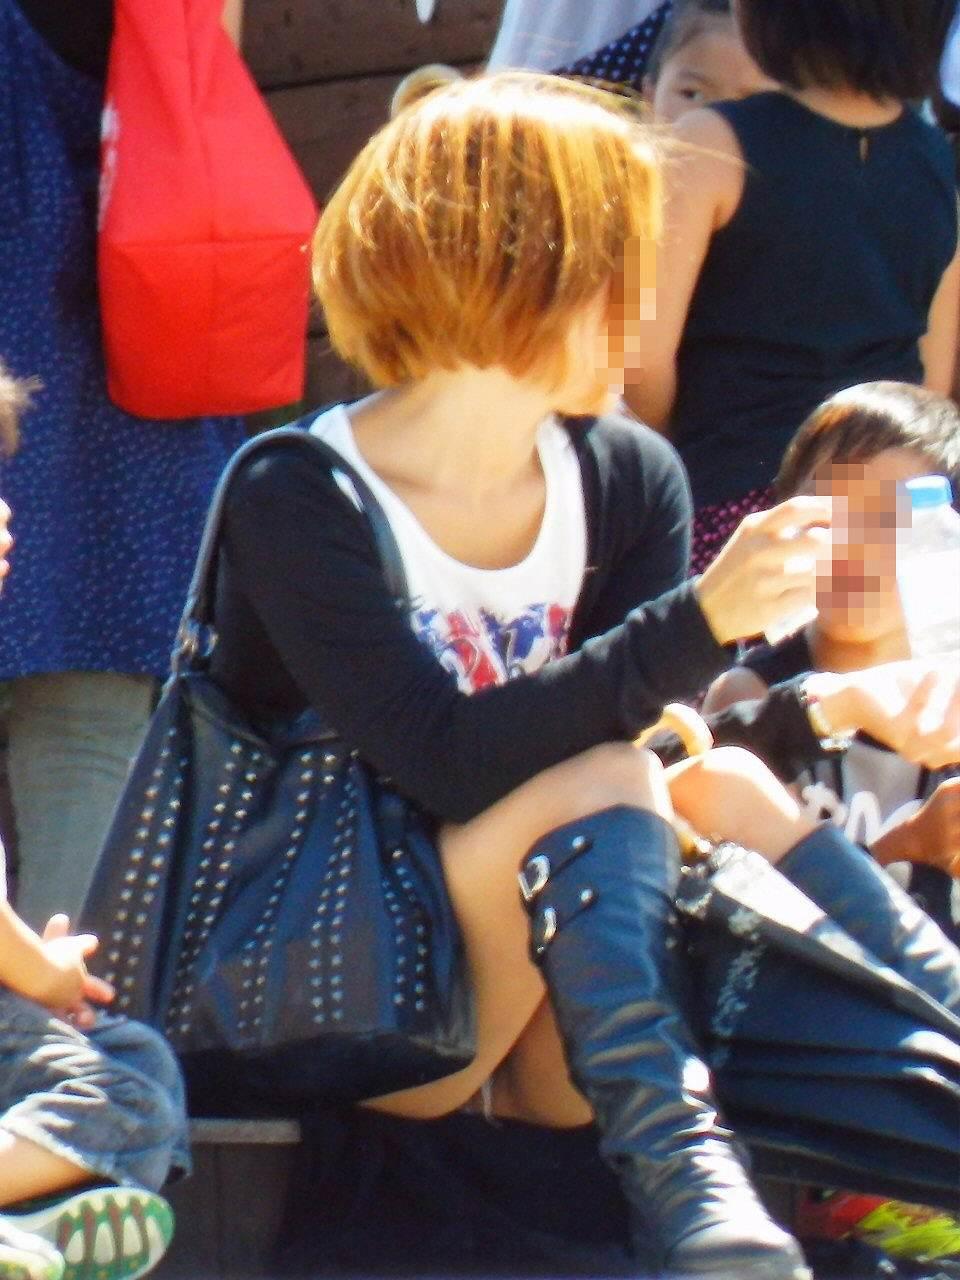 お母さんの臭いが染みてる子持ちママーンのパンチラ&胸チラ街撮り人妻画像wwww 0902